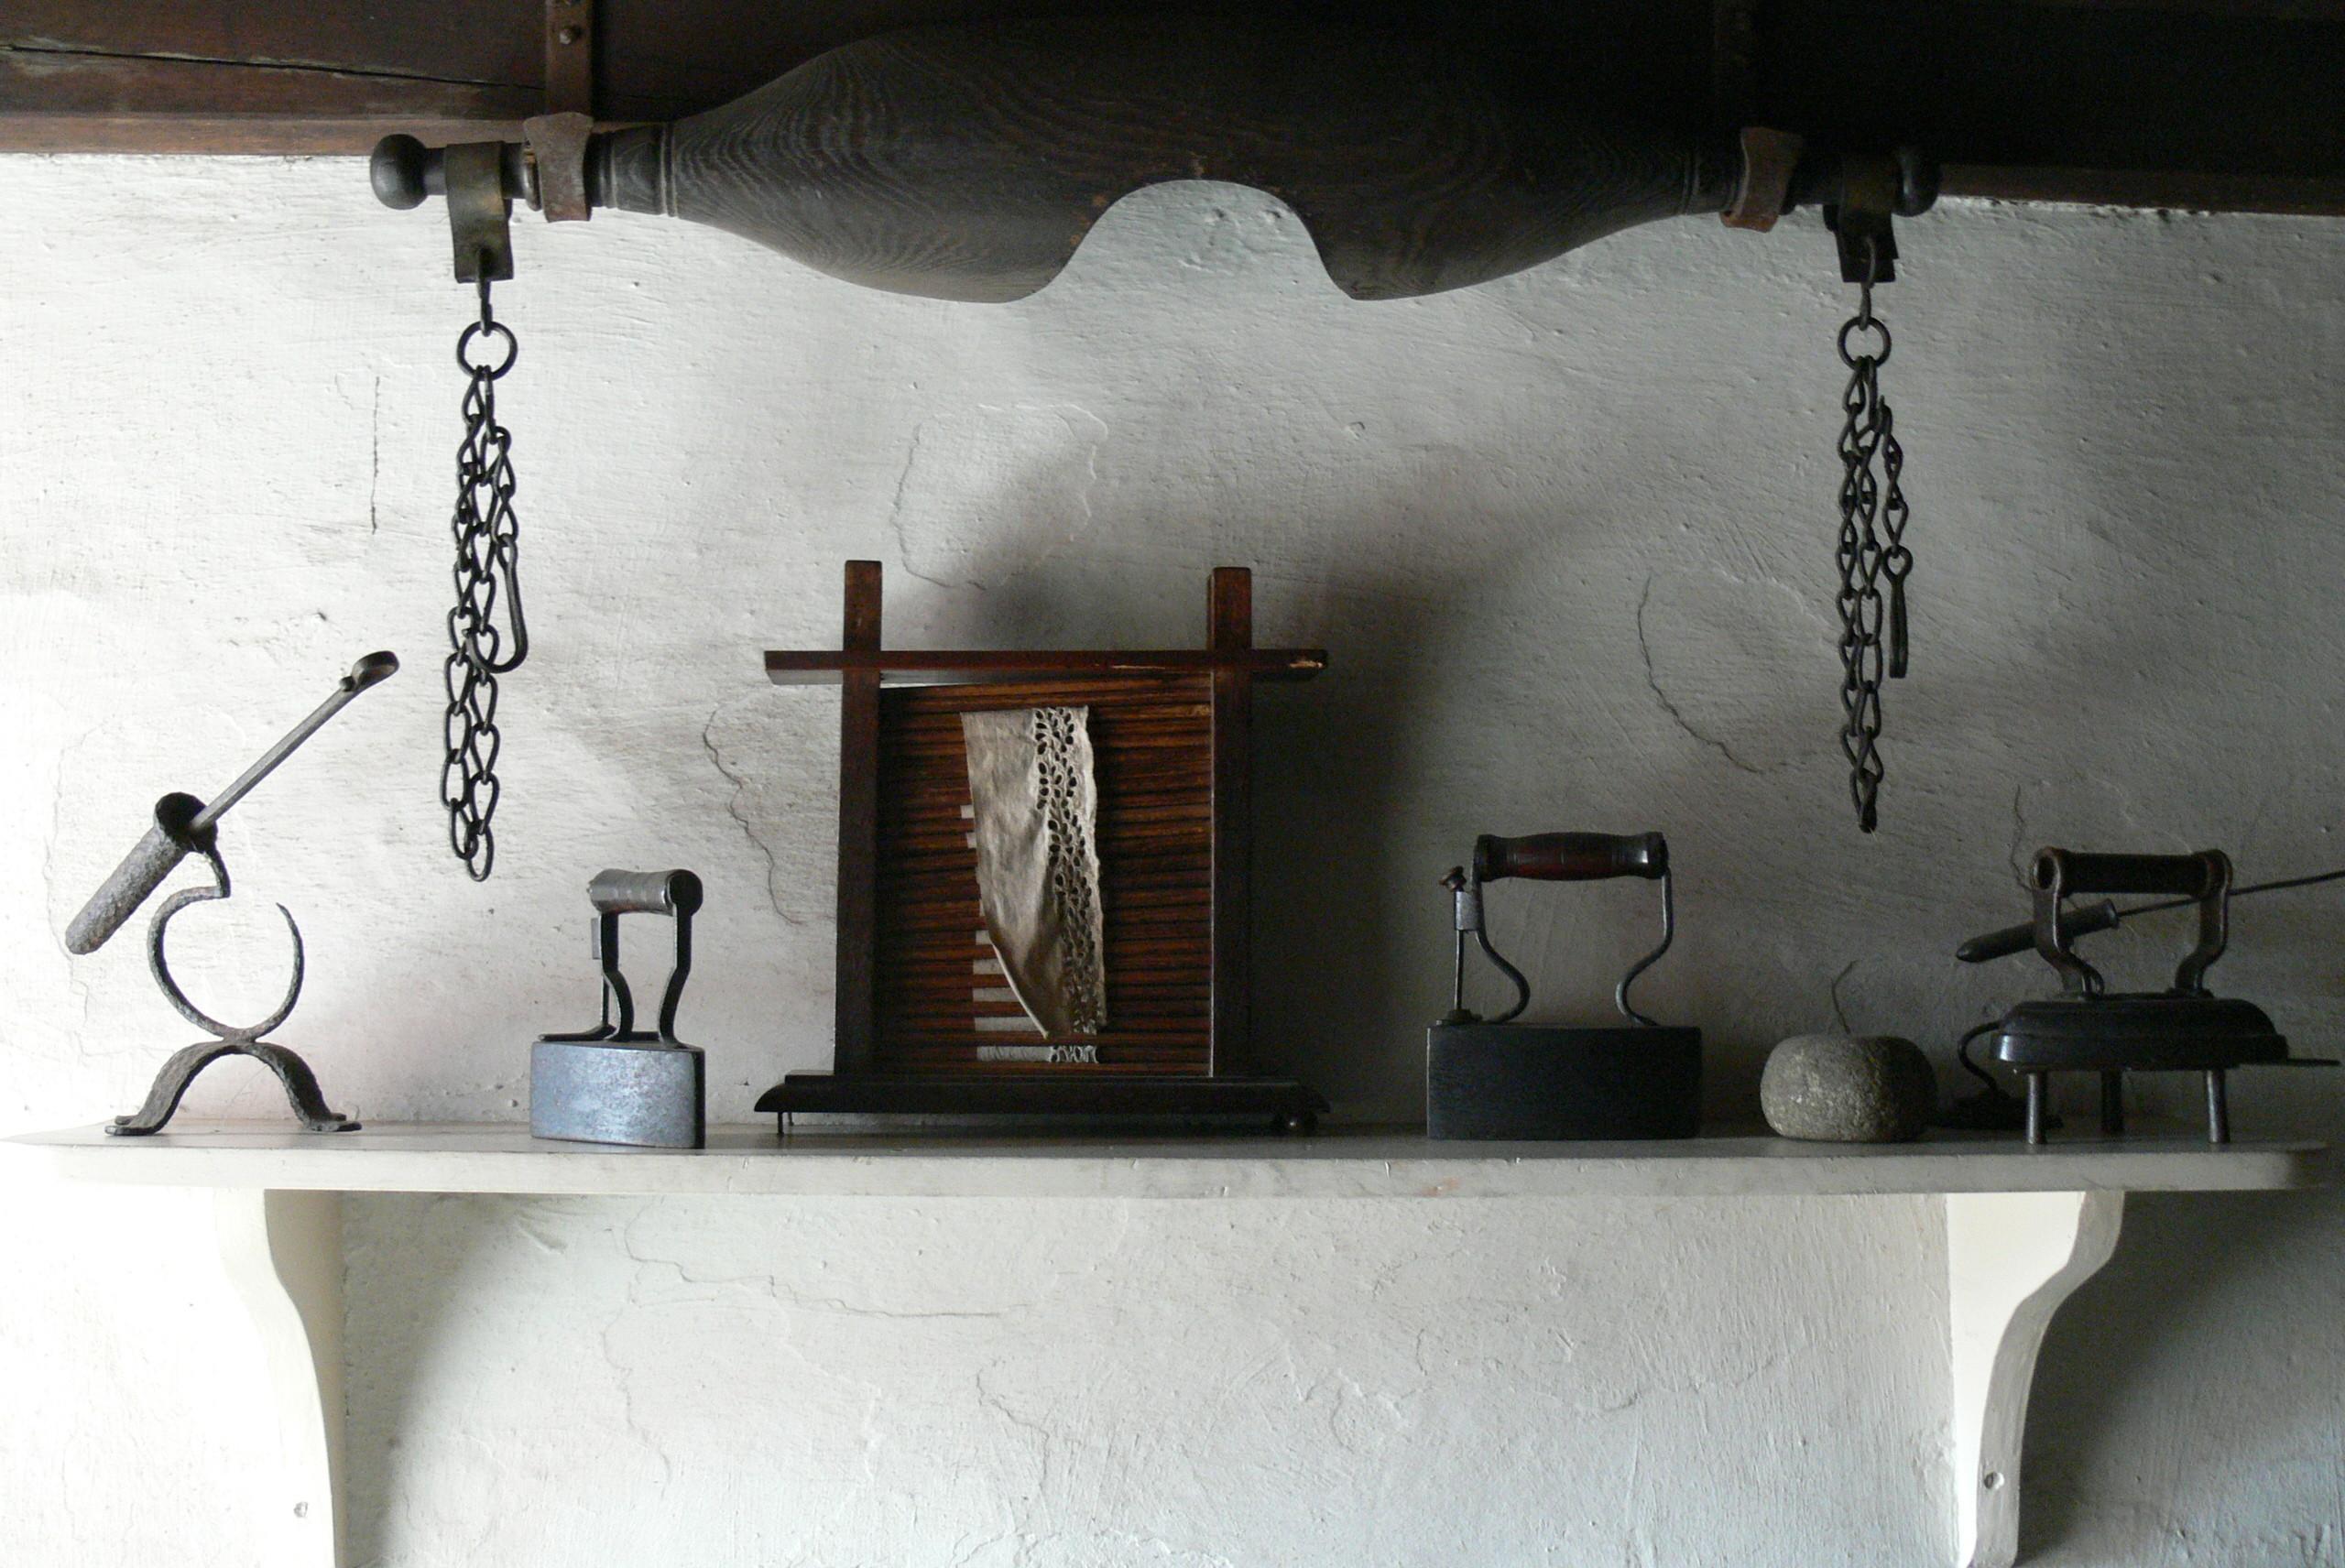 Wohnzimmerz: Regal Küche With File:SFHNM Kennixton Farm Küche Regal ...